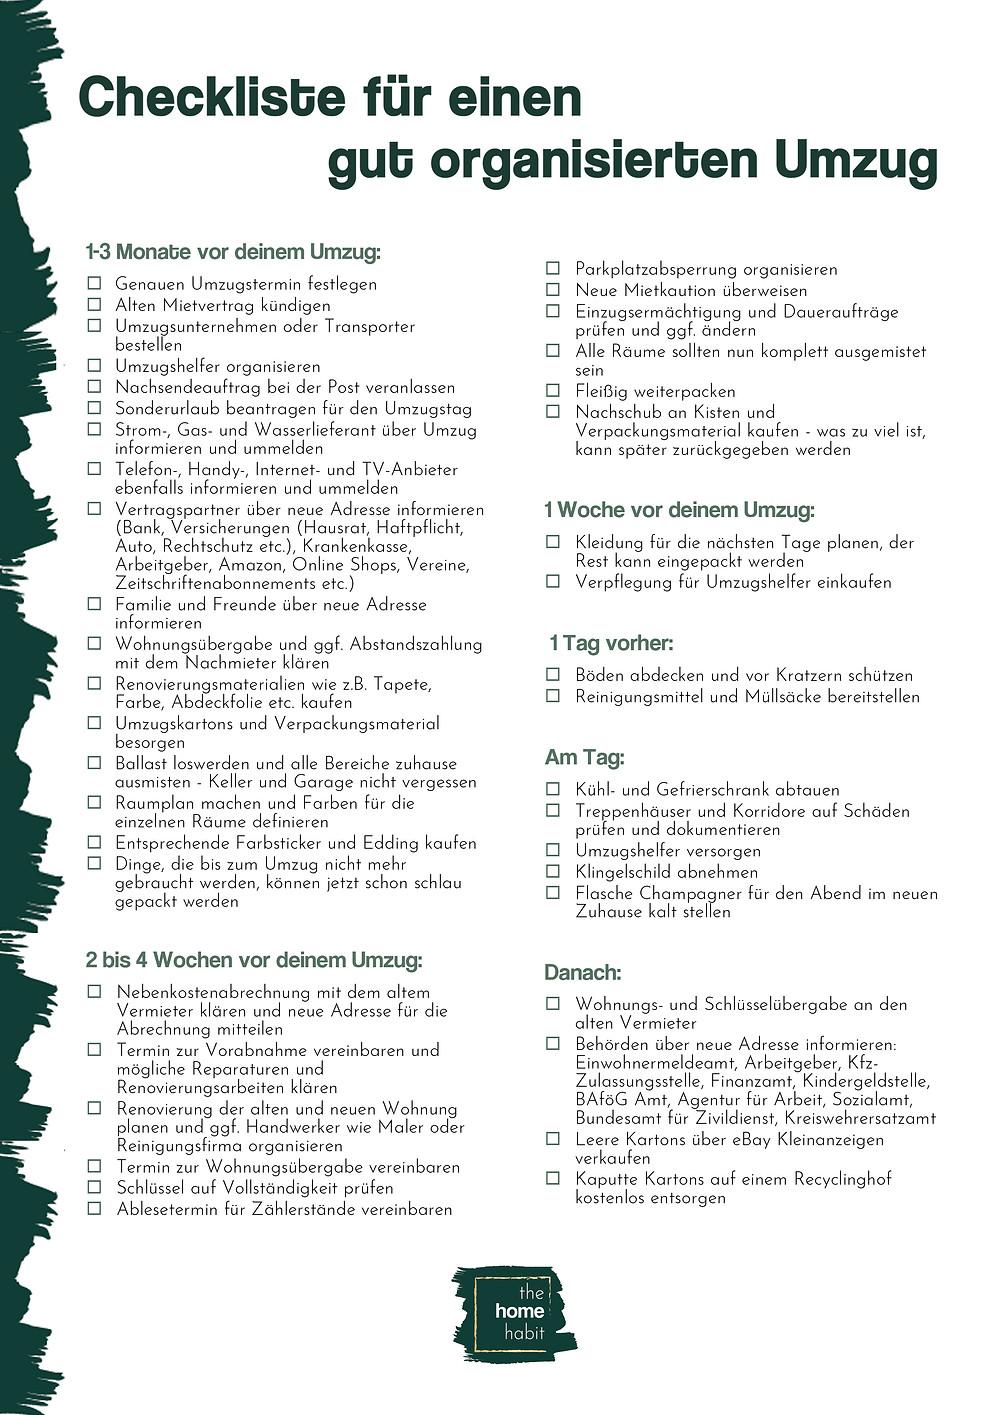 Checkliste für einen gut organisierten Umzug by The Home Habit